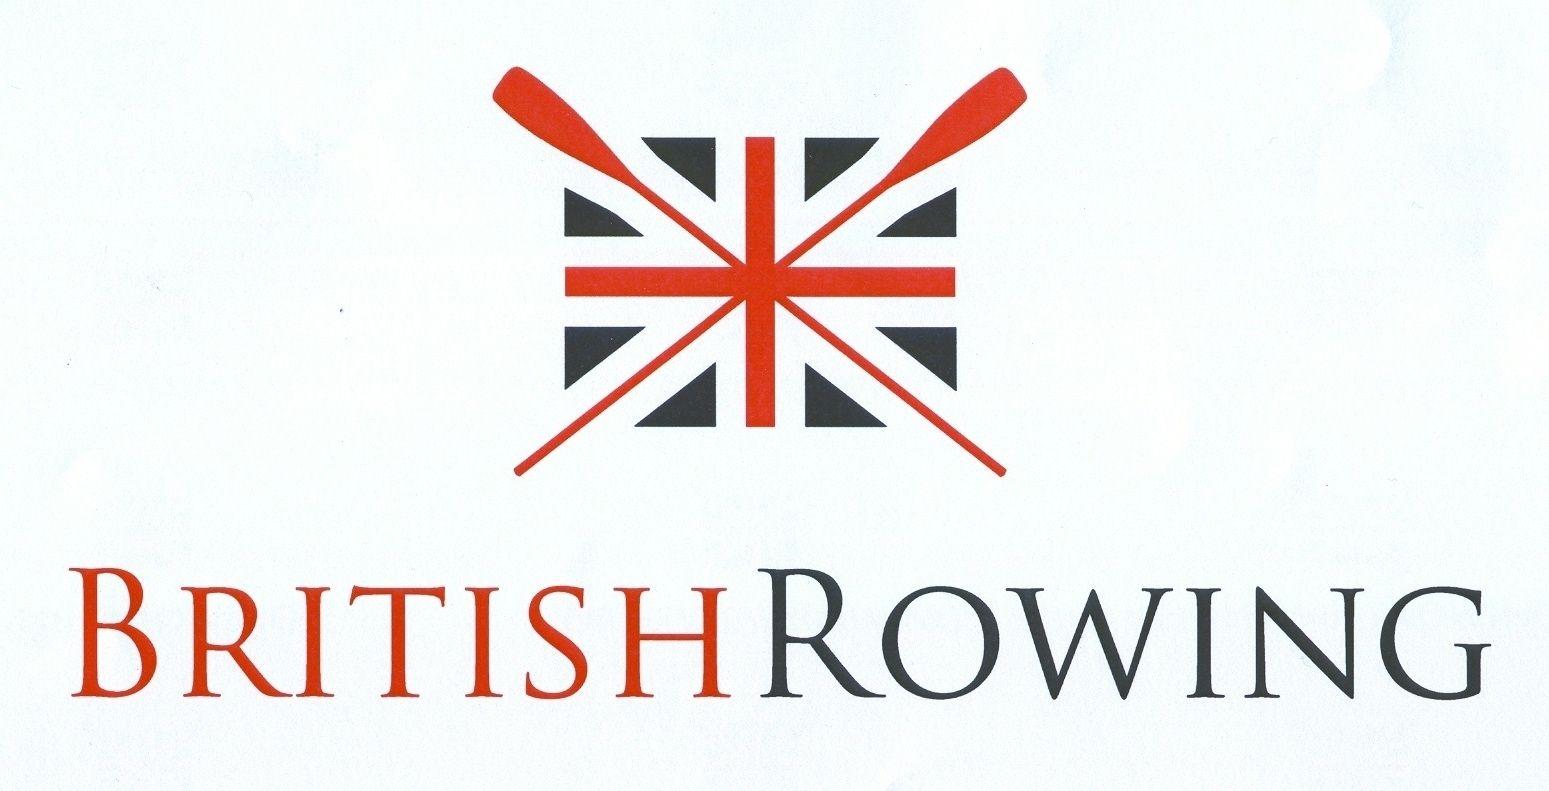 British-rowing ... nice logo